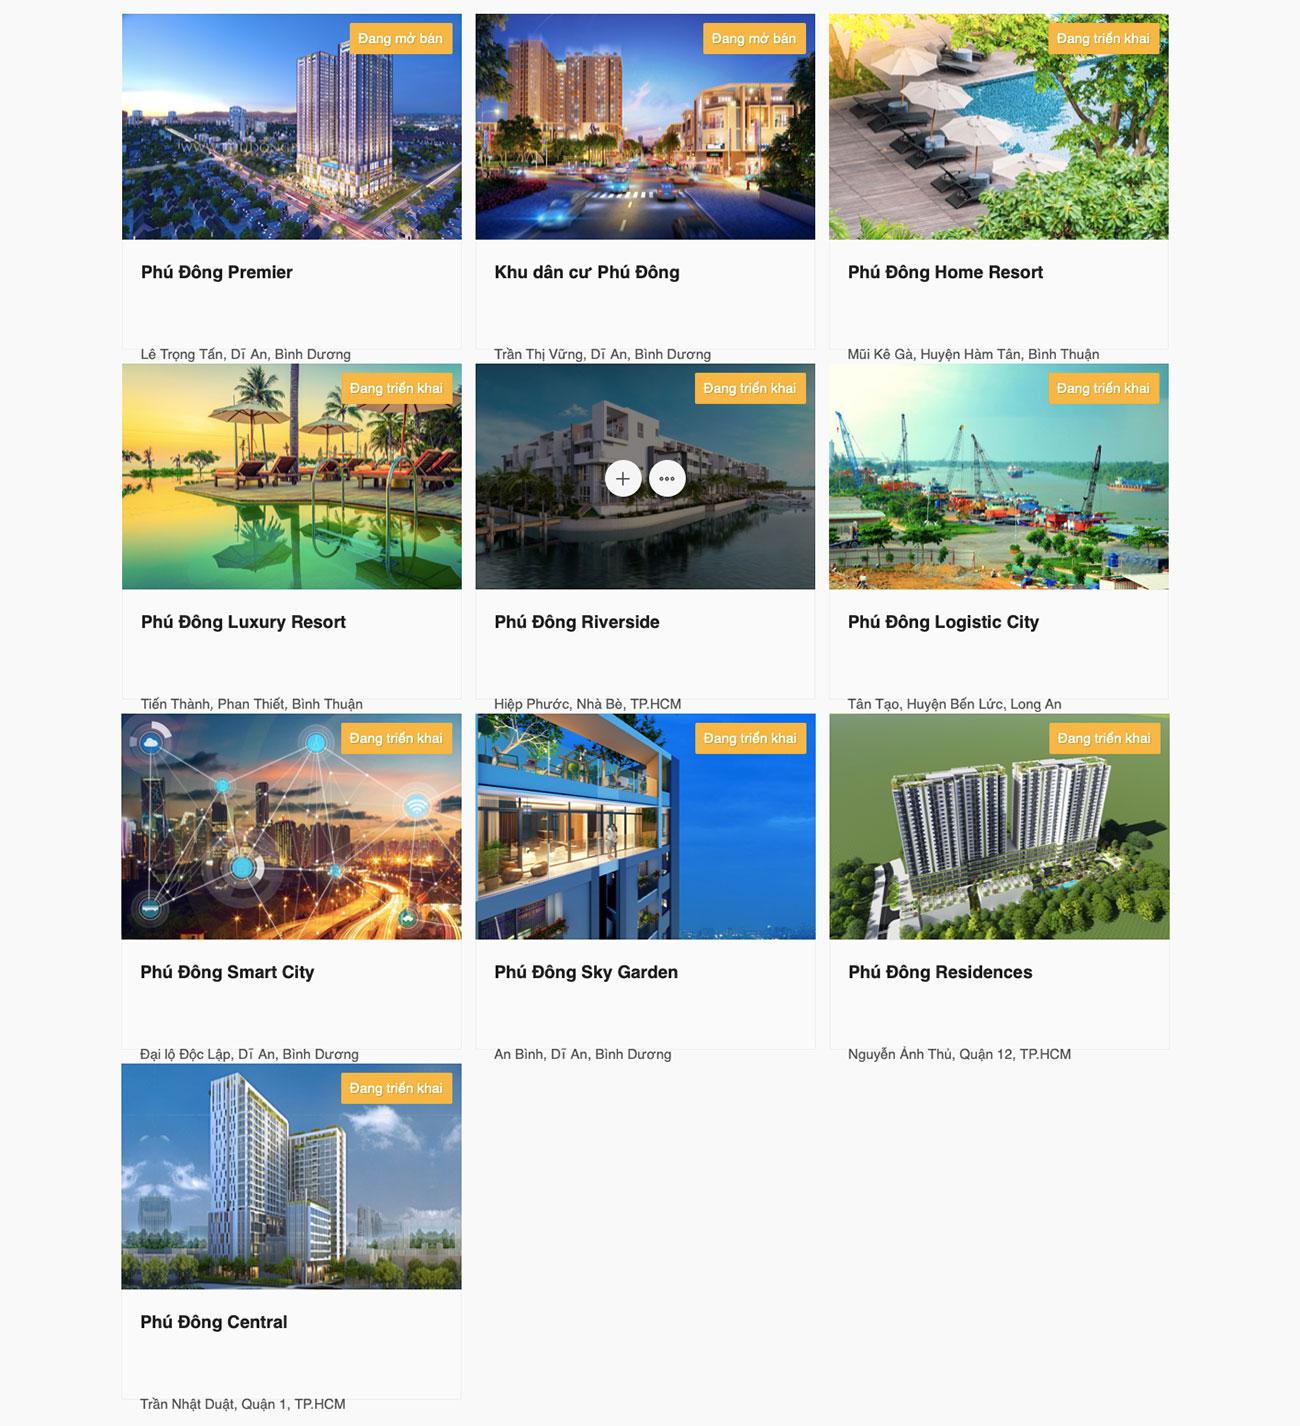 Các dự án mà chủ đầu tư Phú Đông thực hiện